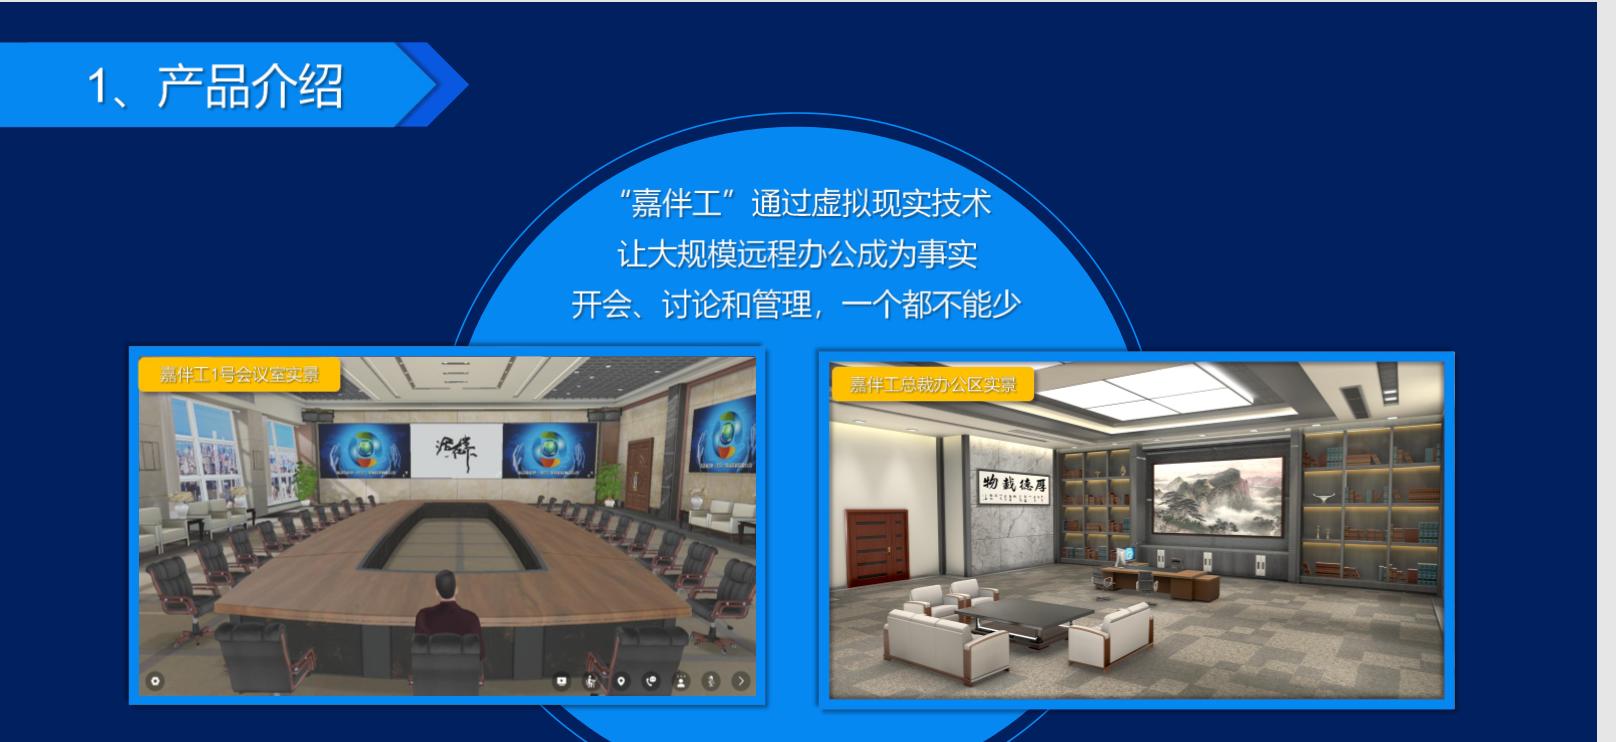 嘉伴工:3D\AR引擎,构建一个虚拟现实办公